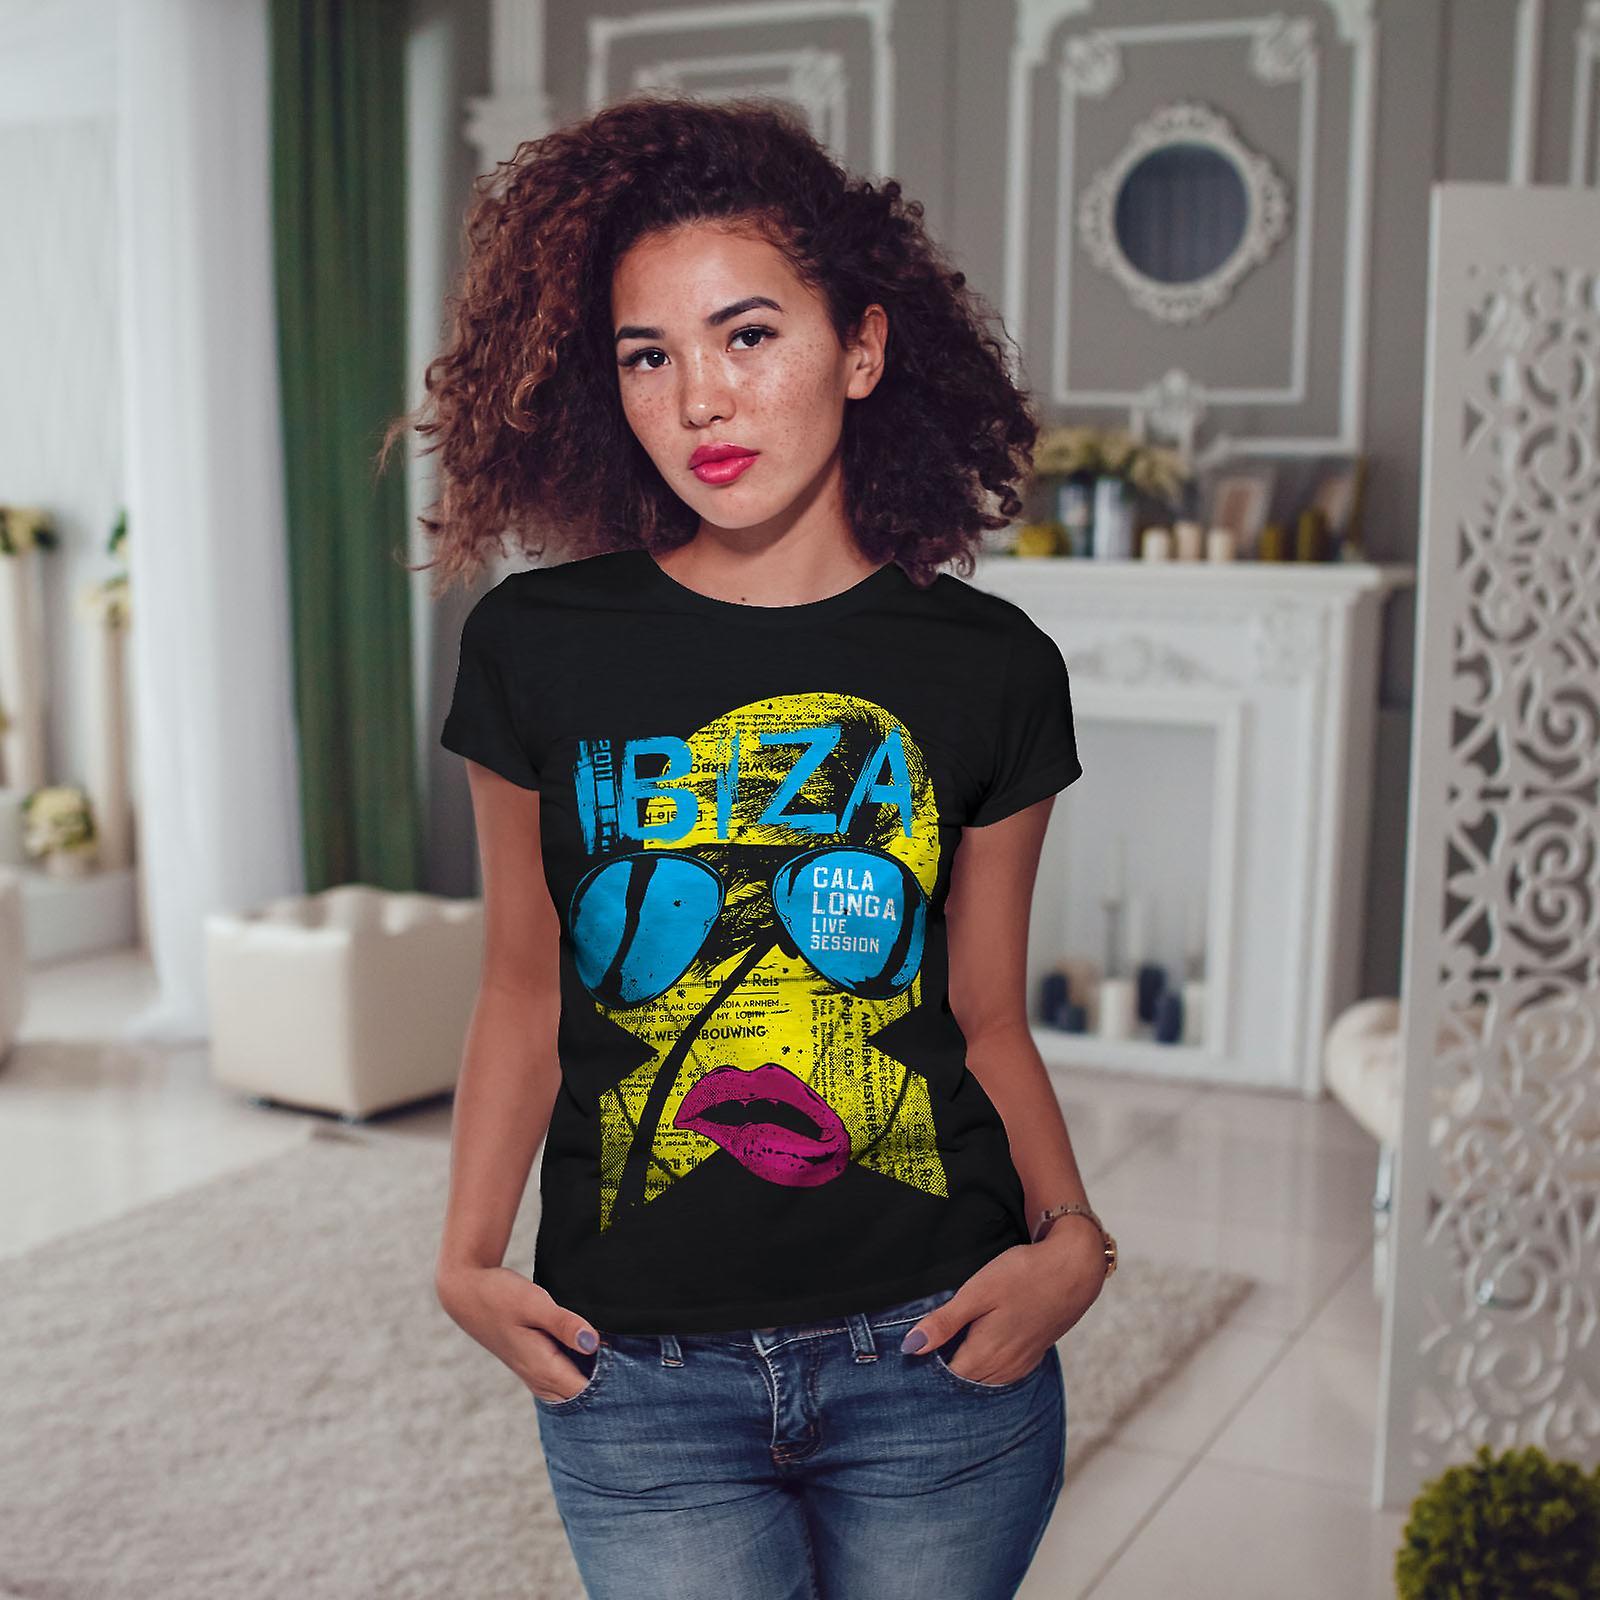 Ibiza Gala Longa Holiday kvinnor BlackT-skjorta | Wellcoda